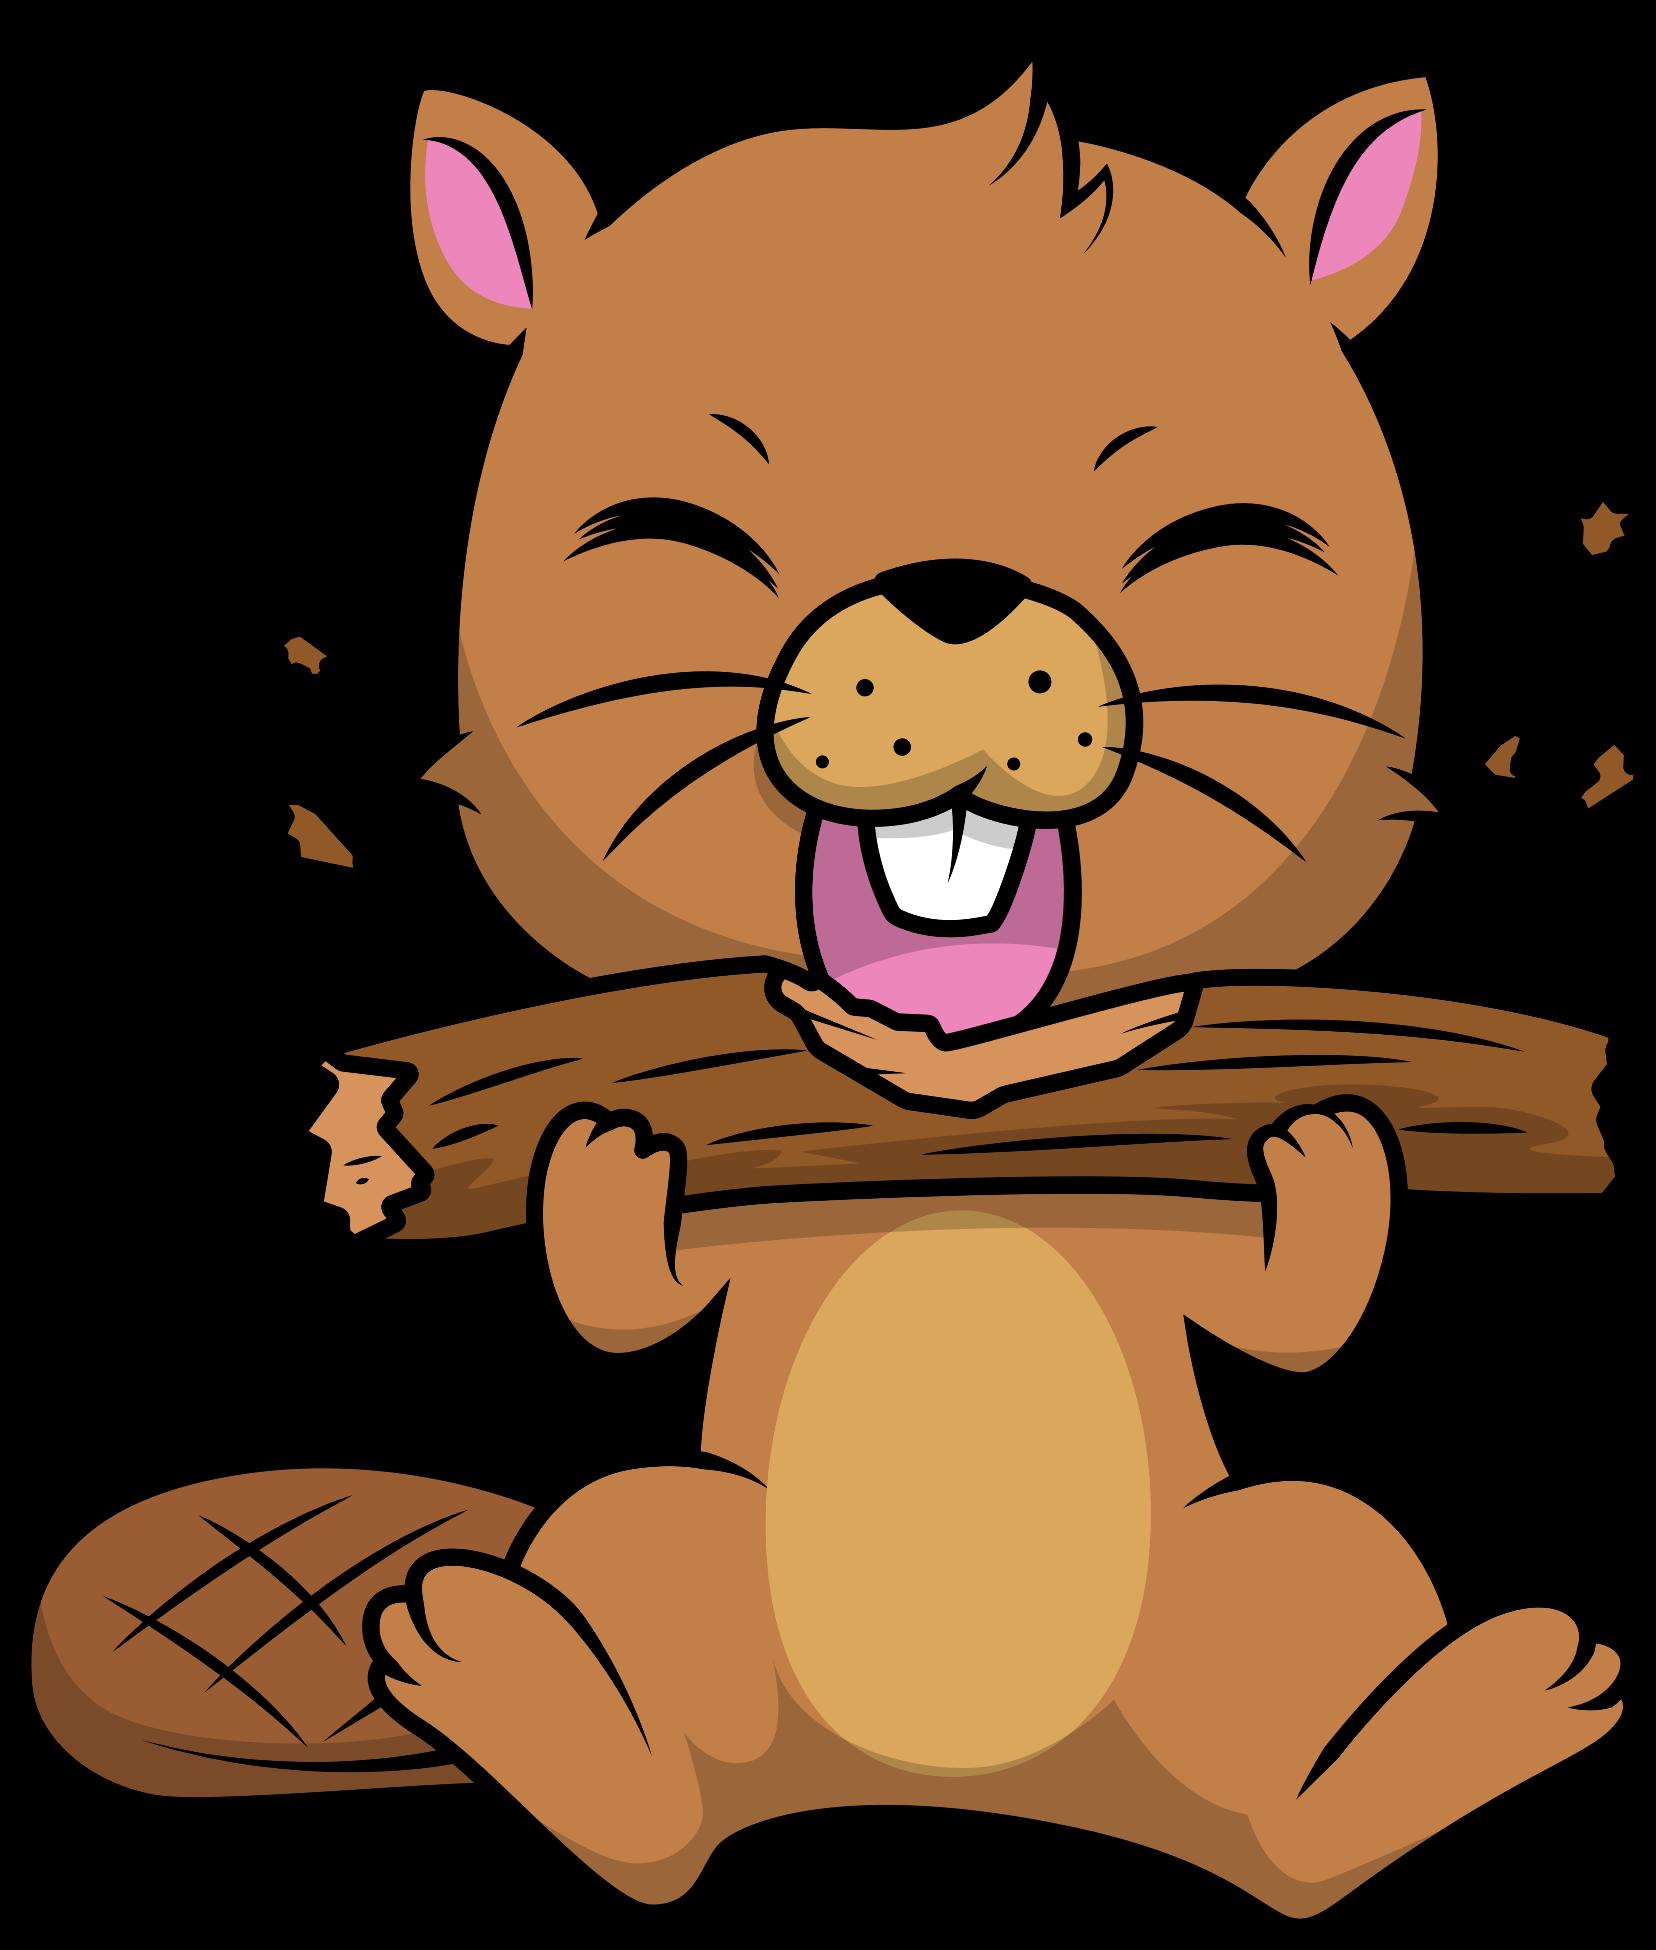 TenVinilo. Vinilo decorativo infantil animal salvaje castor lindo. Vinilo animales salvajes de castor para la habitación de tus hijos. Este diseño creará una sensación tierna y cariñosa ¡Envío a domicilio!